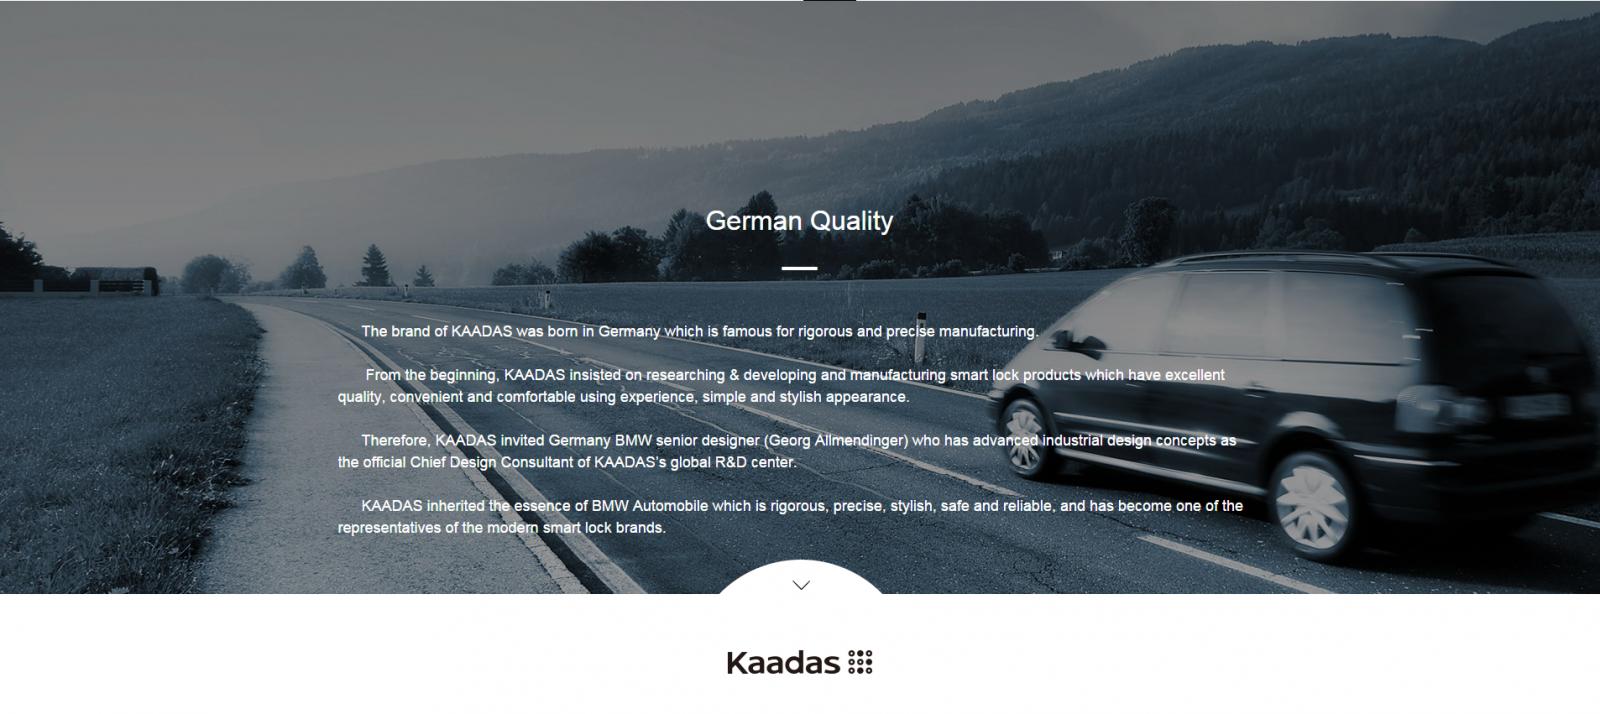 Giới thiệu về khóa điện tử Kaadas K7 Push/Pull